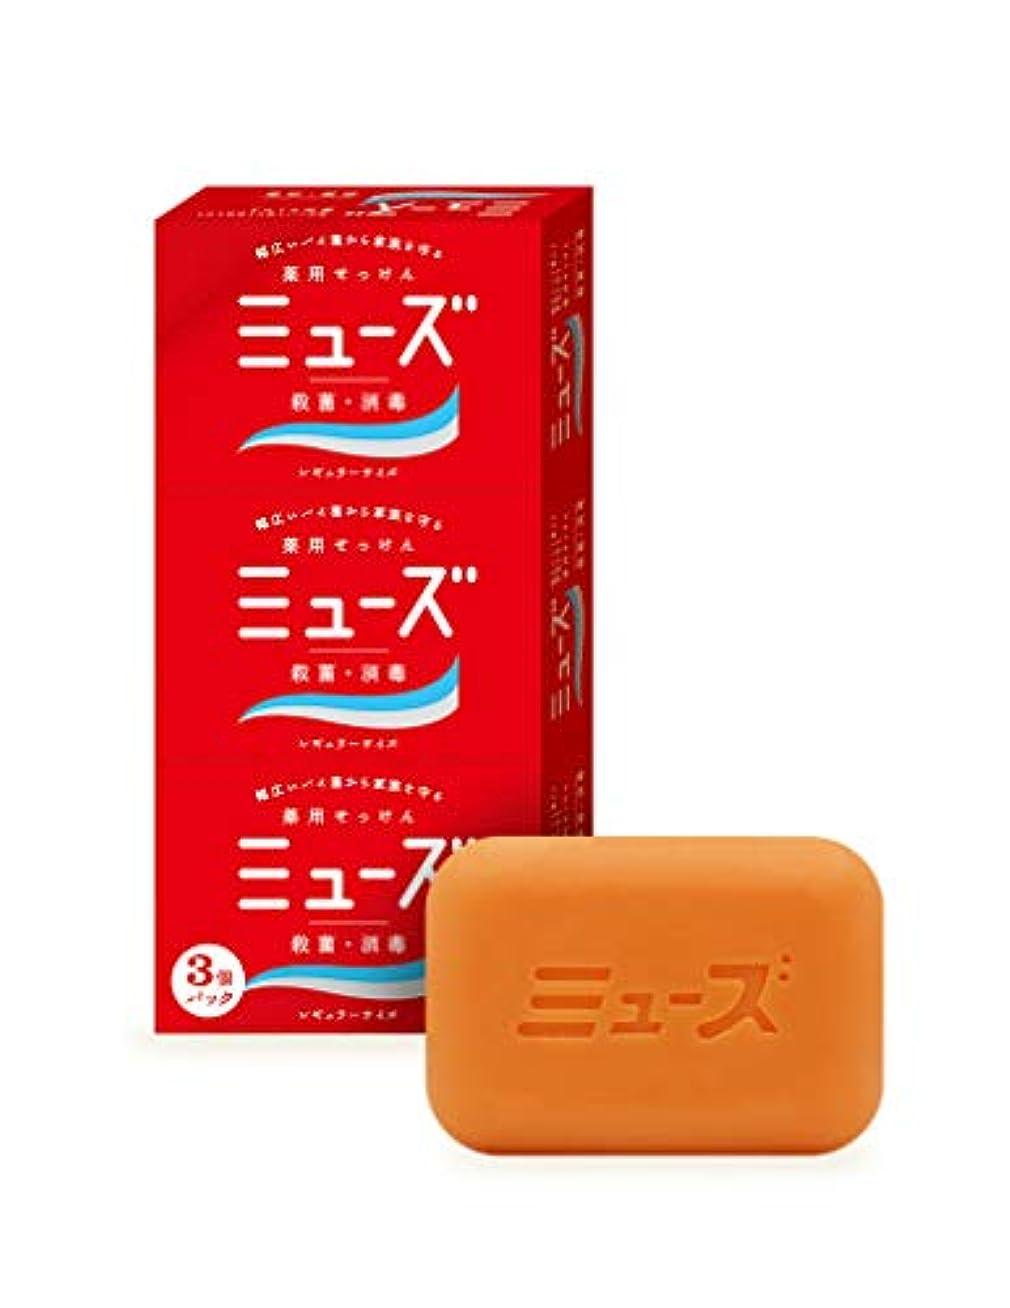 未使用ゴールデンパシフィック【医薬部外品】ミューズ石鹸 レギュラー 95g×3個パック